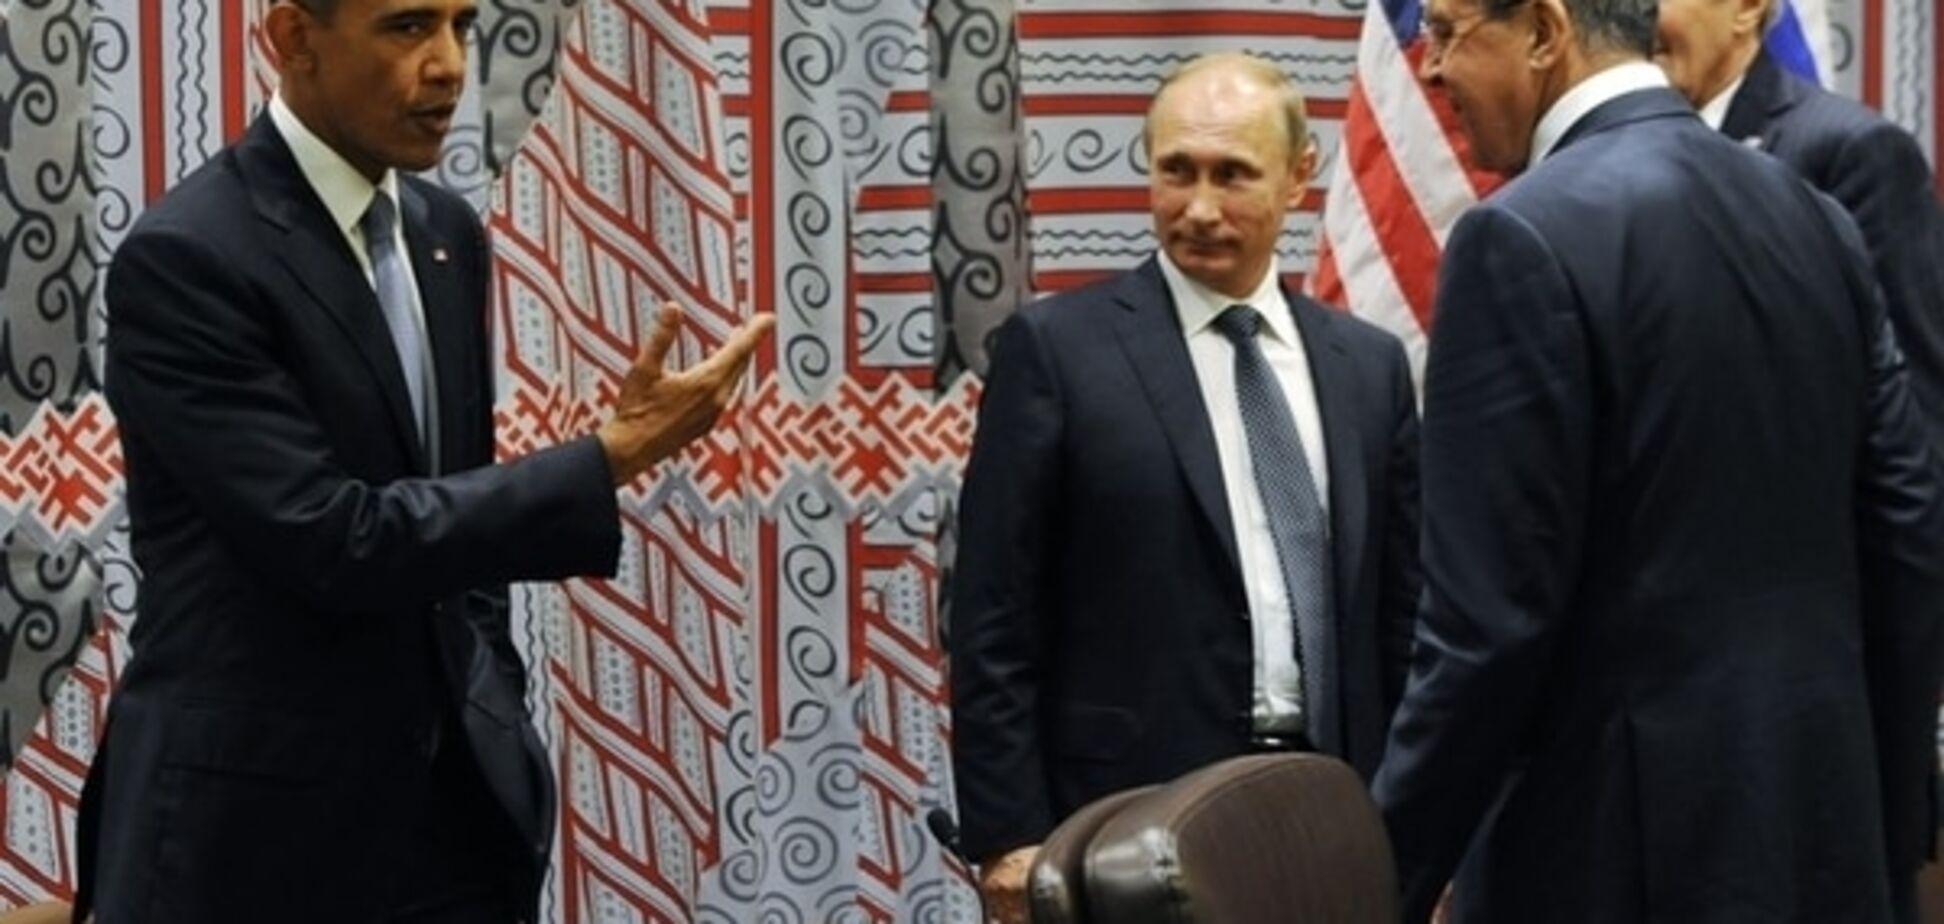 Гречанинов: в Сирии развернется война России и НАТО, Путину не победить